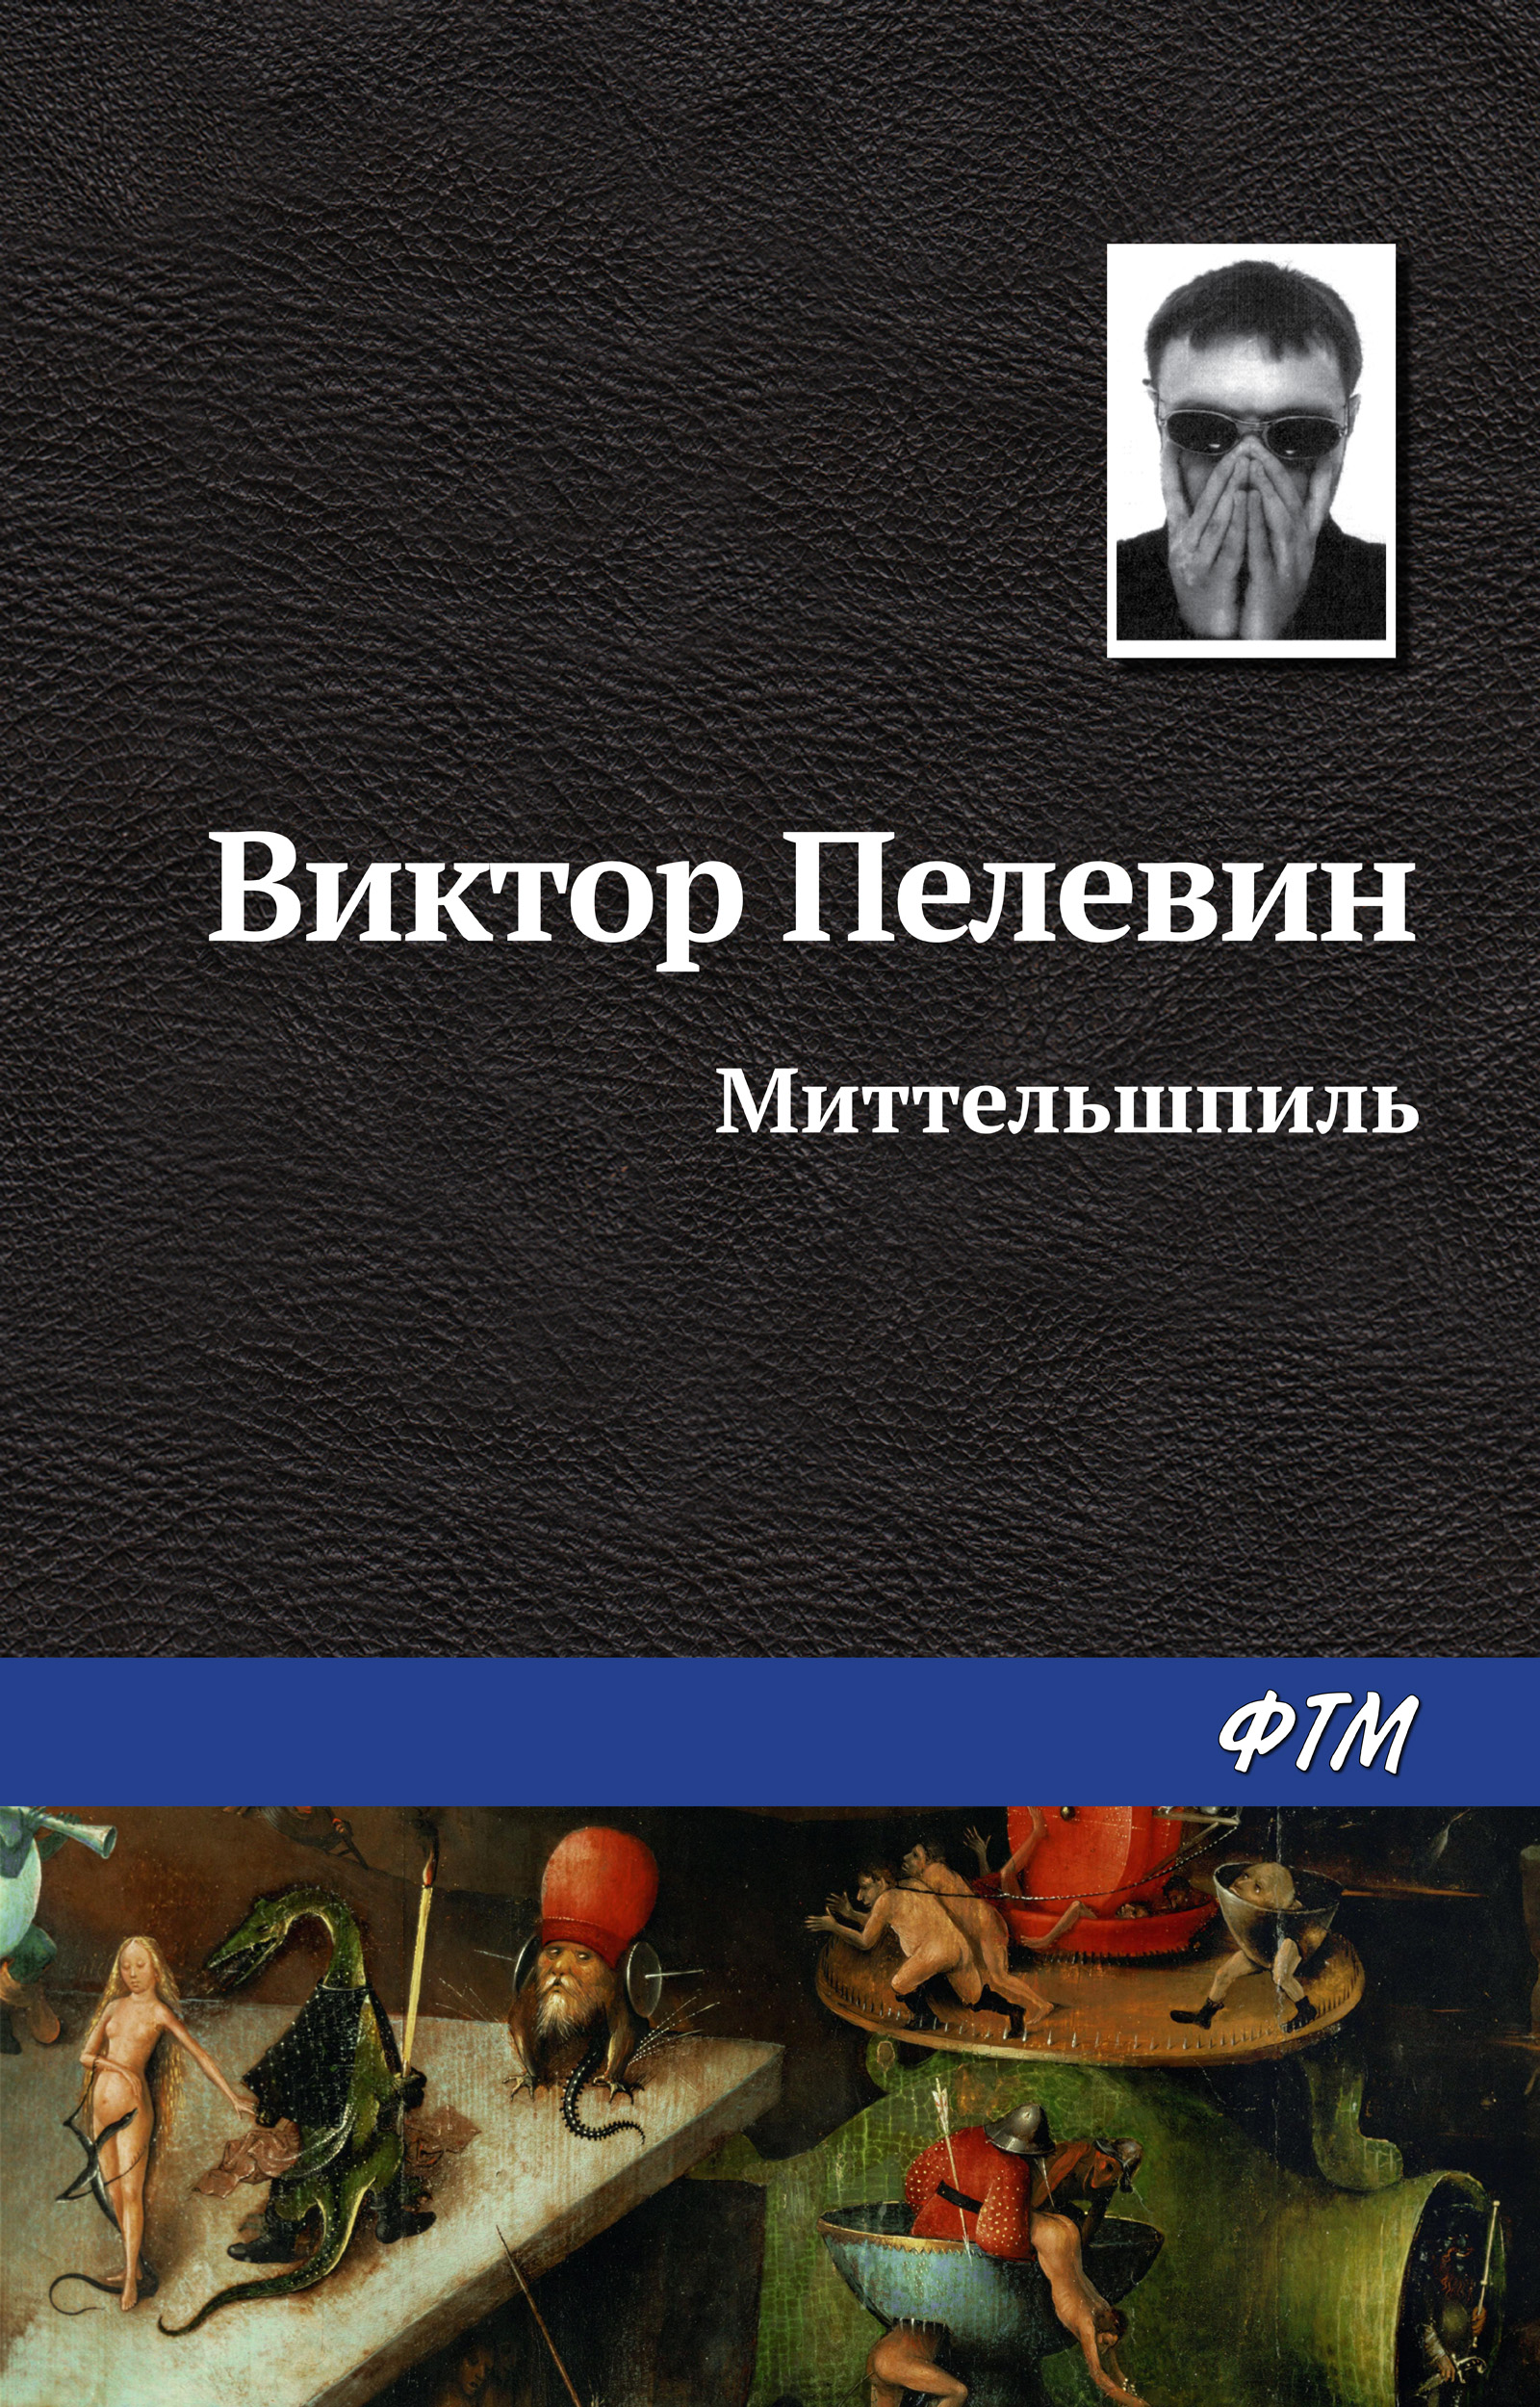 купить Виктор Пелевин Миттельшпиль недорого